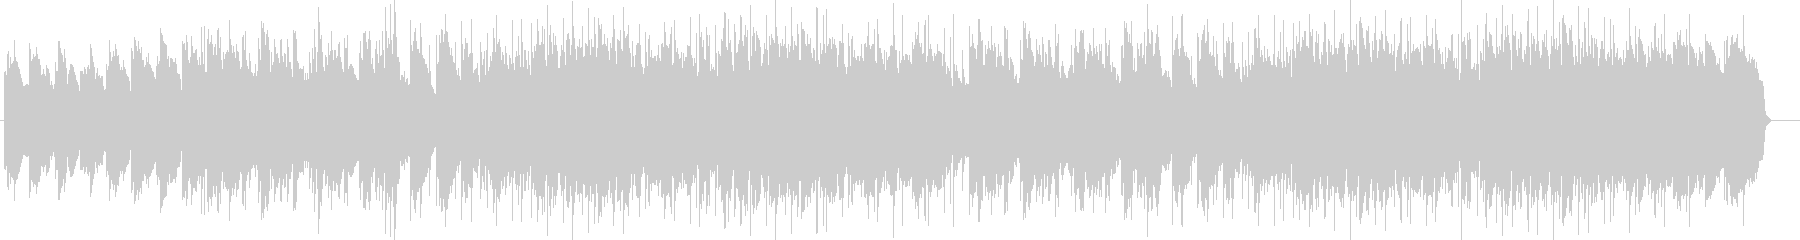 エレクトリックピアノの効いたポップスの未再生の波形